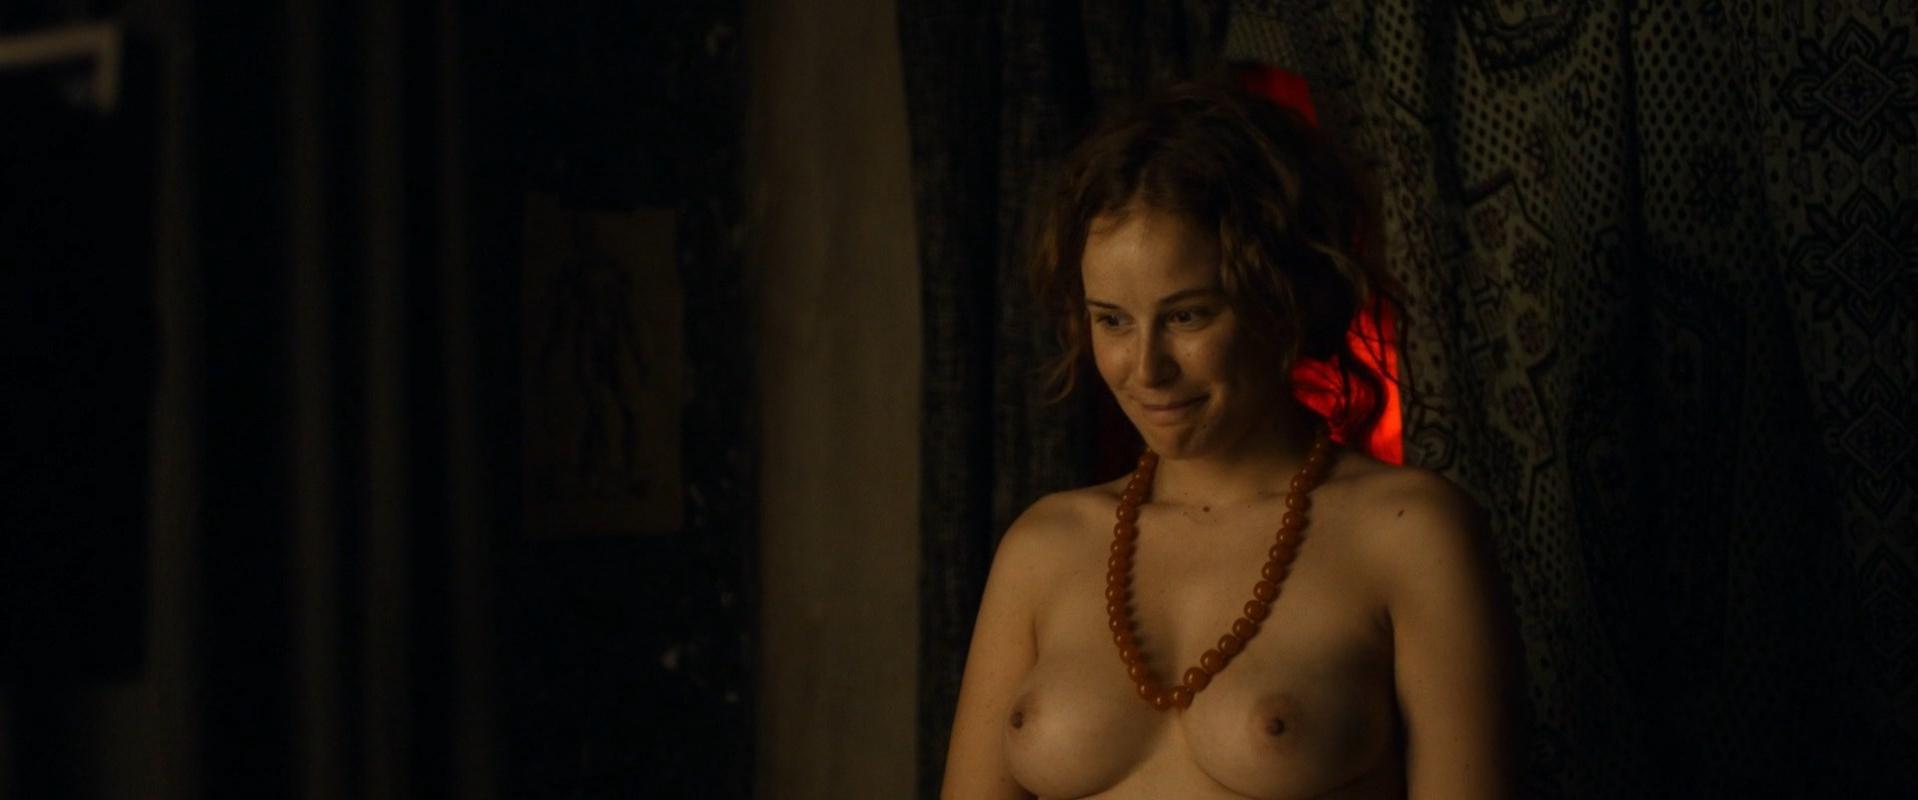 Carla Juri nude - Paula (2016)